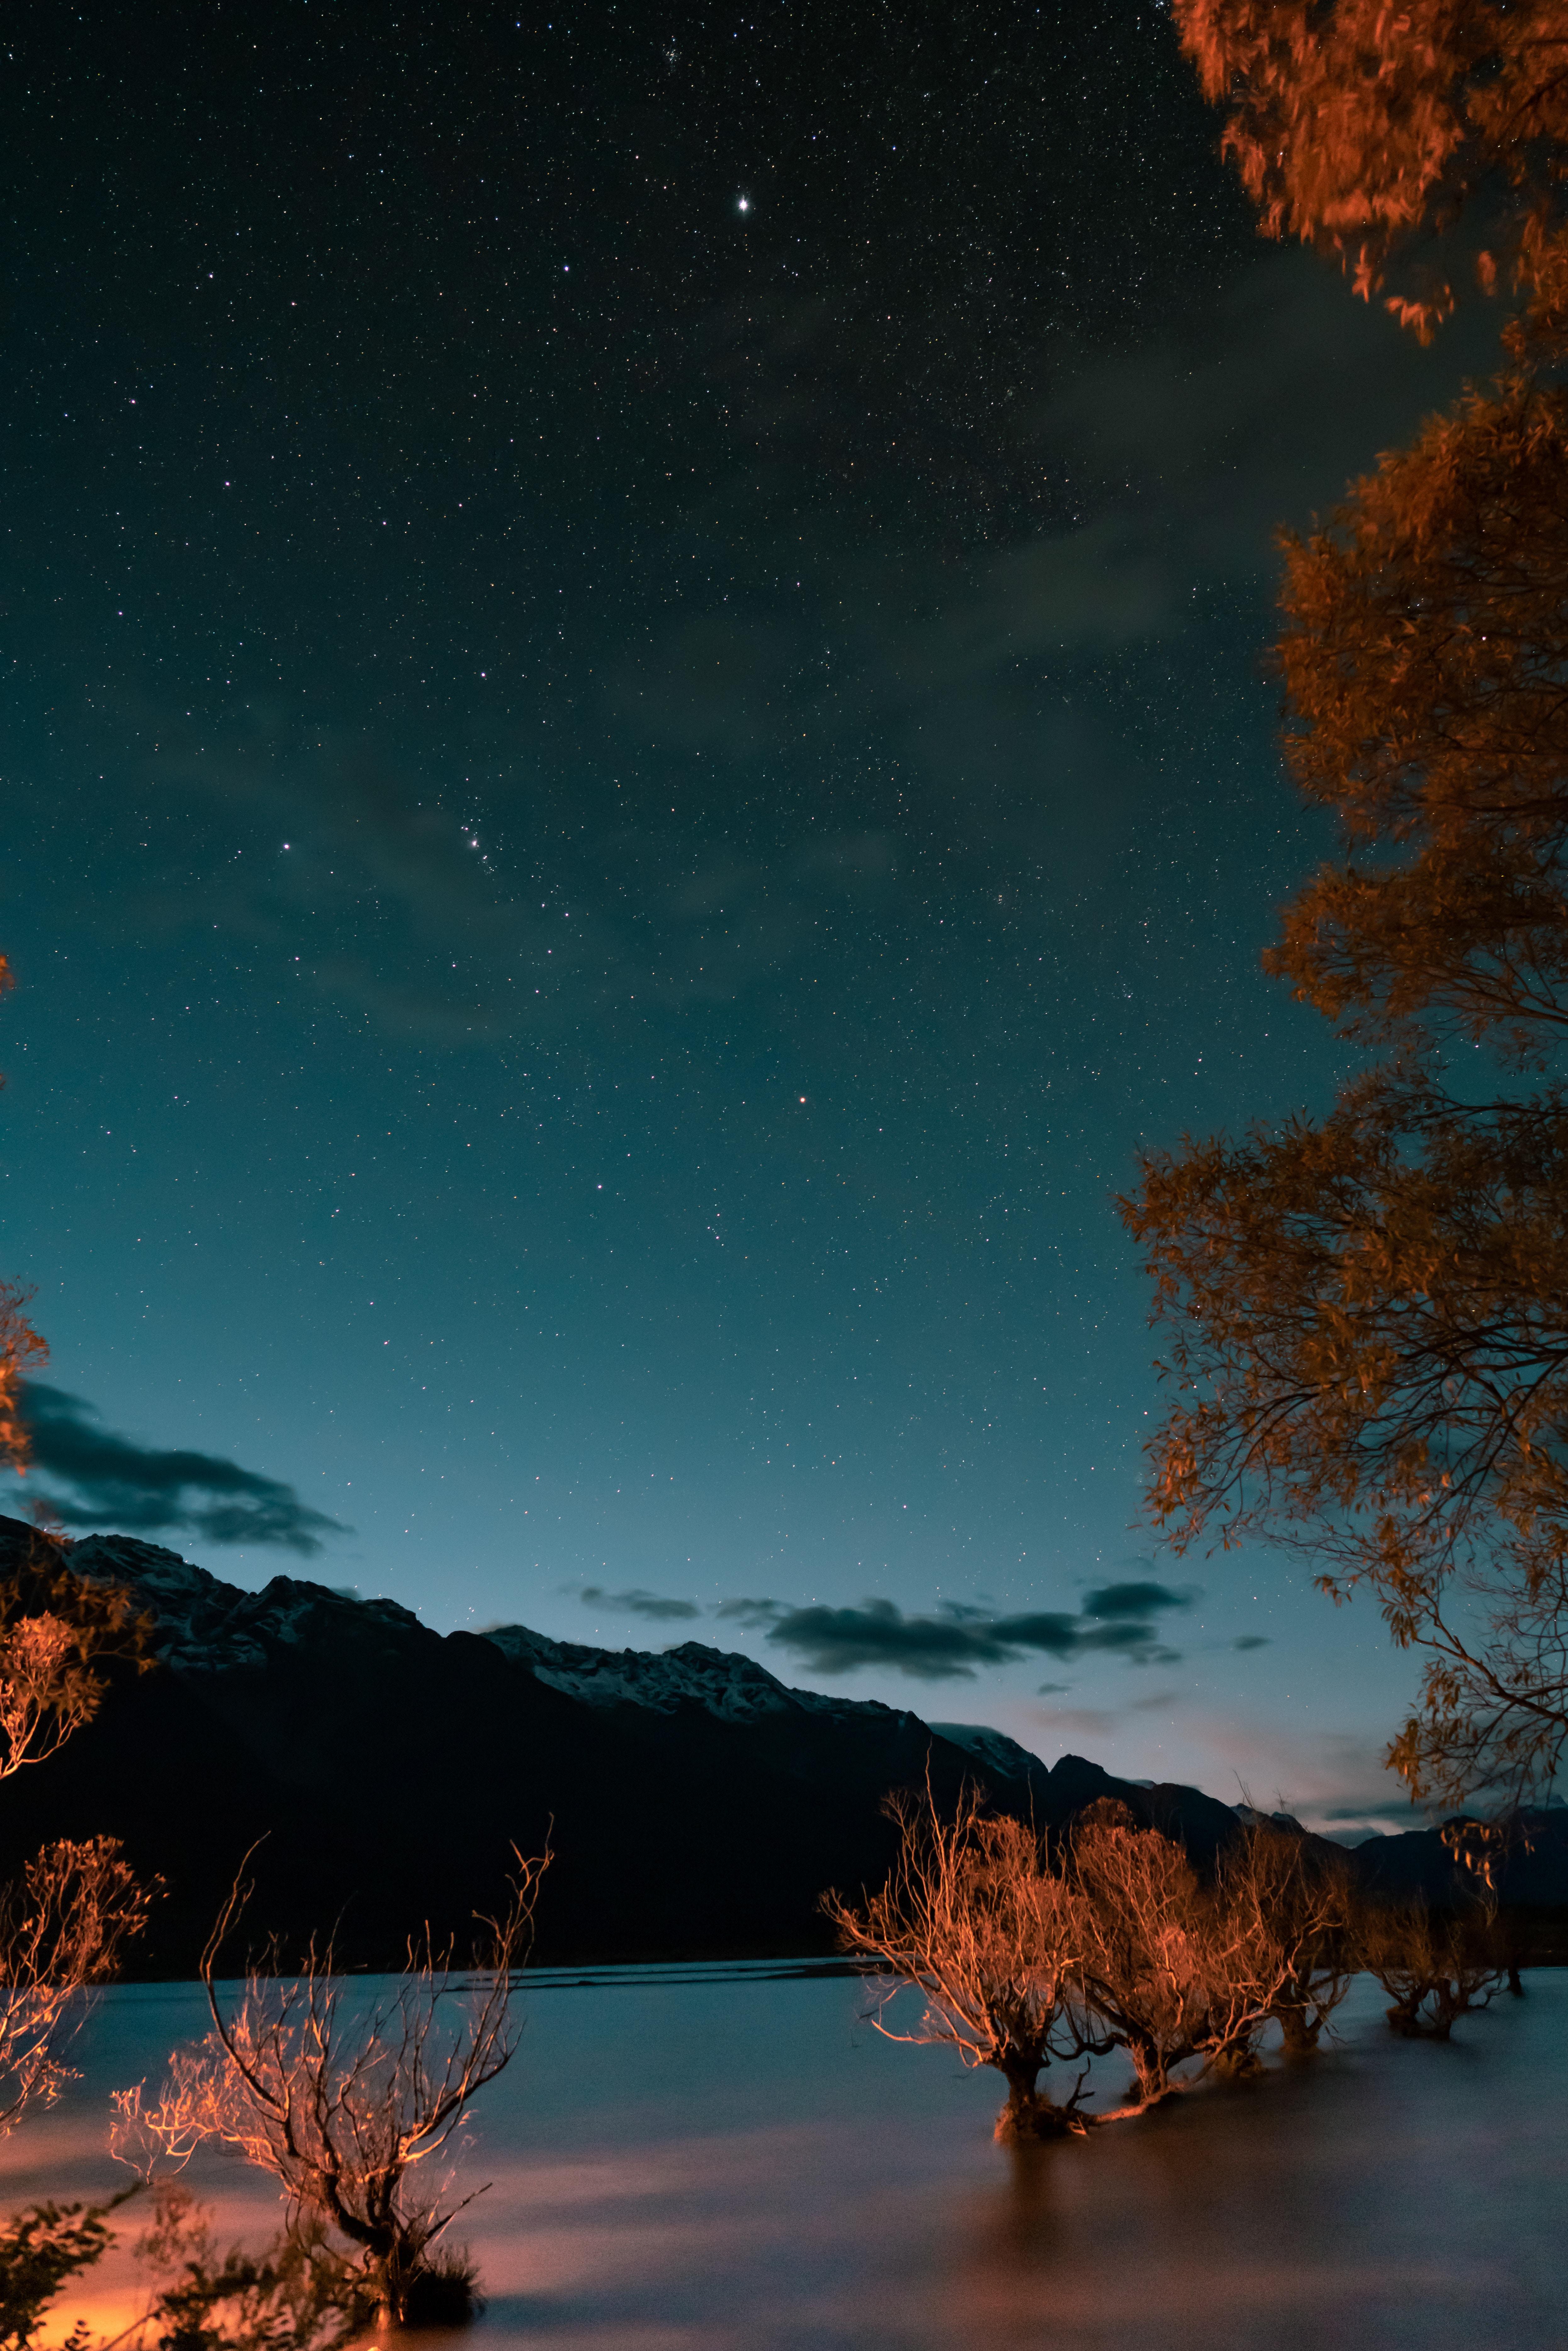 108964 Заставки и Обои Озеро на телефон. Скачать Озеро, Сумерки, Природа, Деревья, Горы, Звездное Небо картинки бесплатно